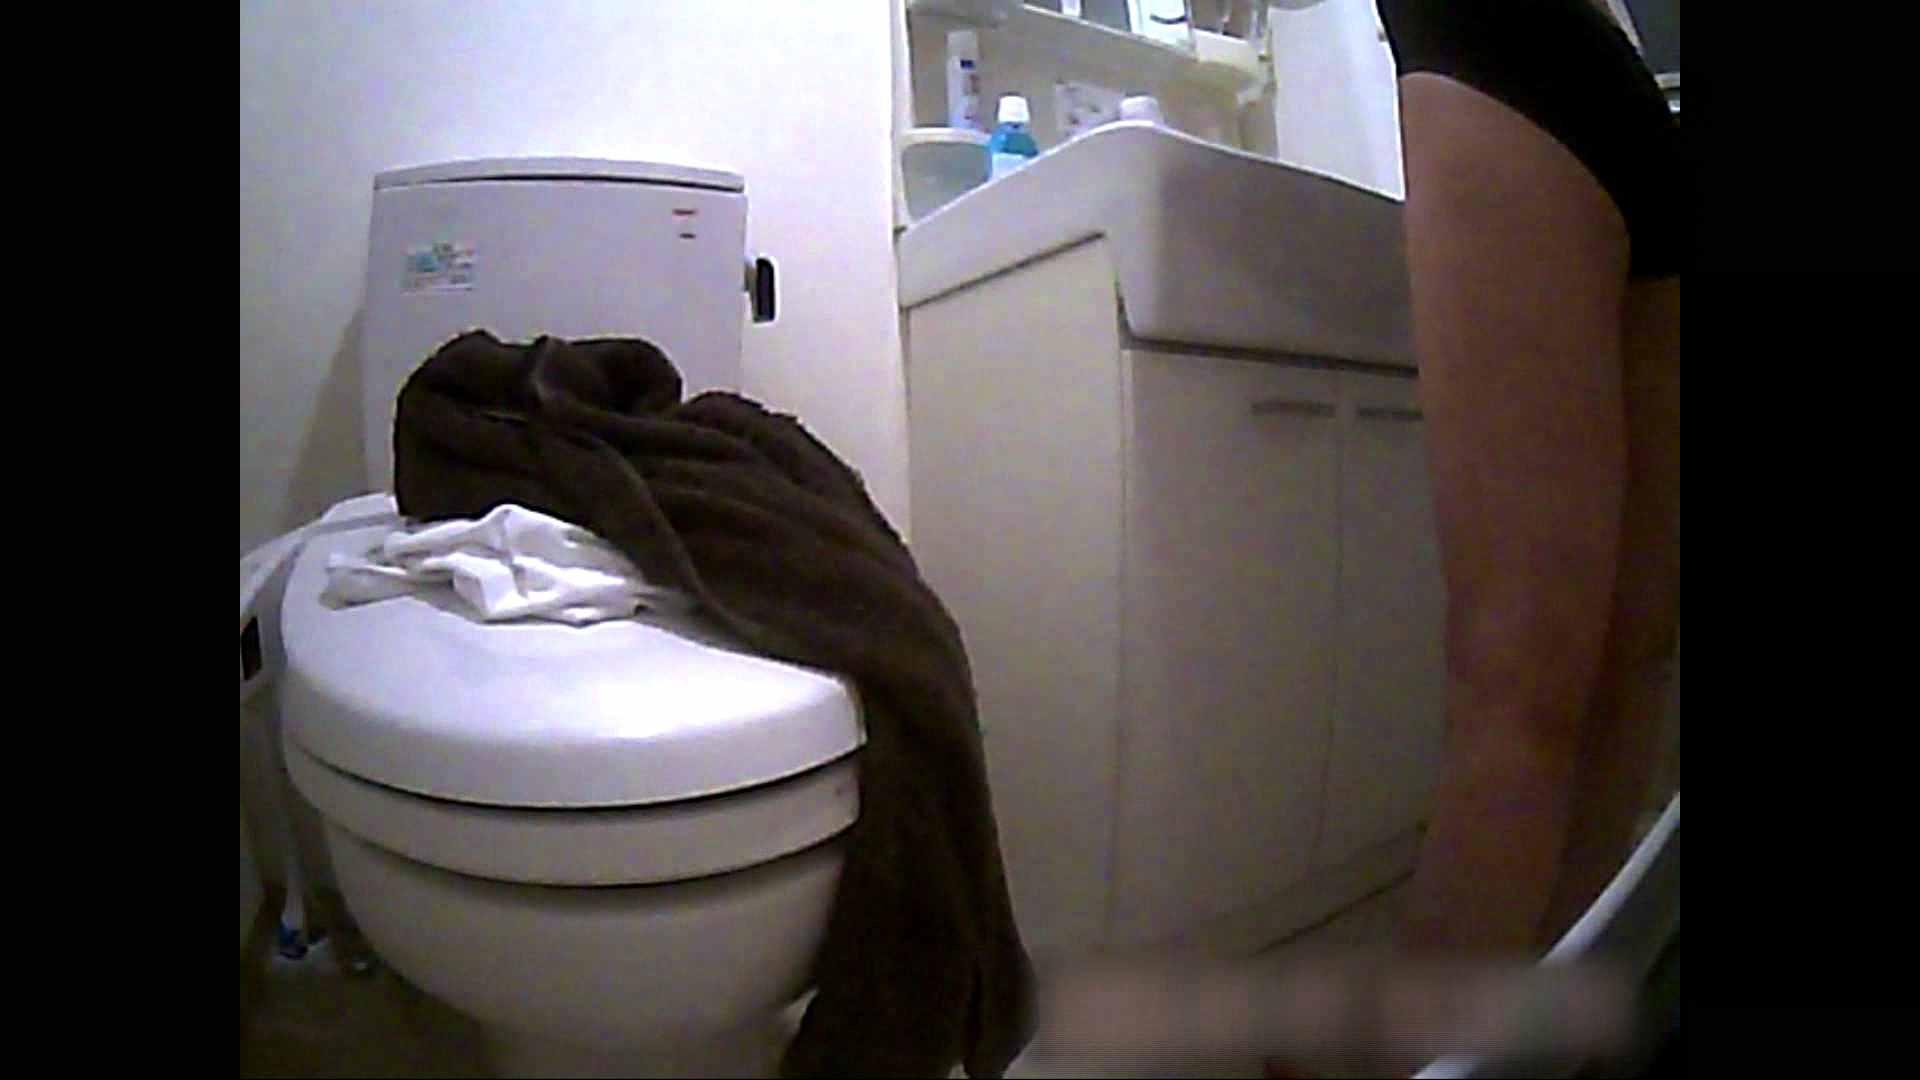 元気いっぱいノリノリ系なB子23歳(仮名)Vol.01 トイレ着替え編 トイレ | 着替えハメ撮り  73画像 66